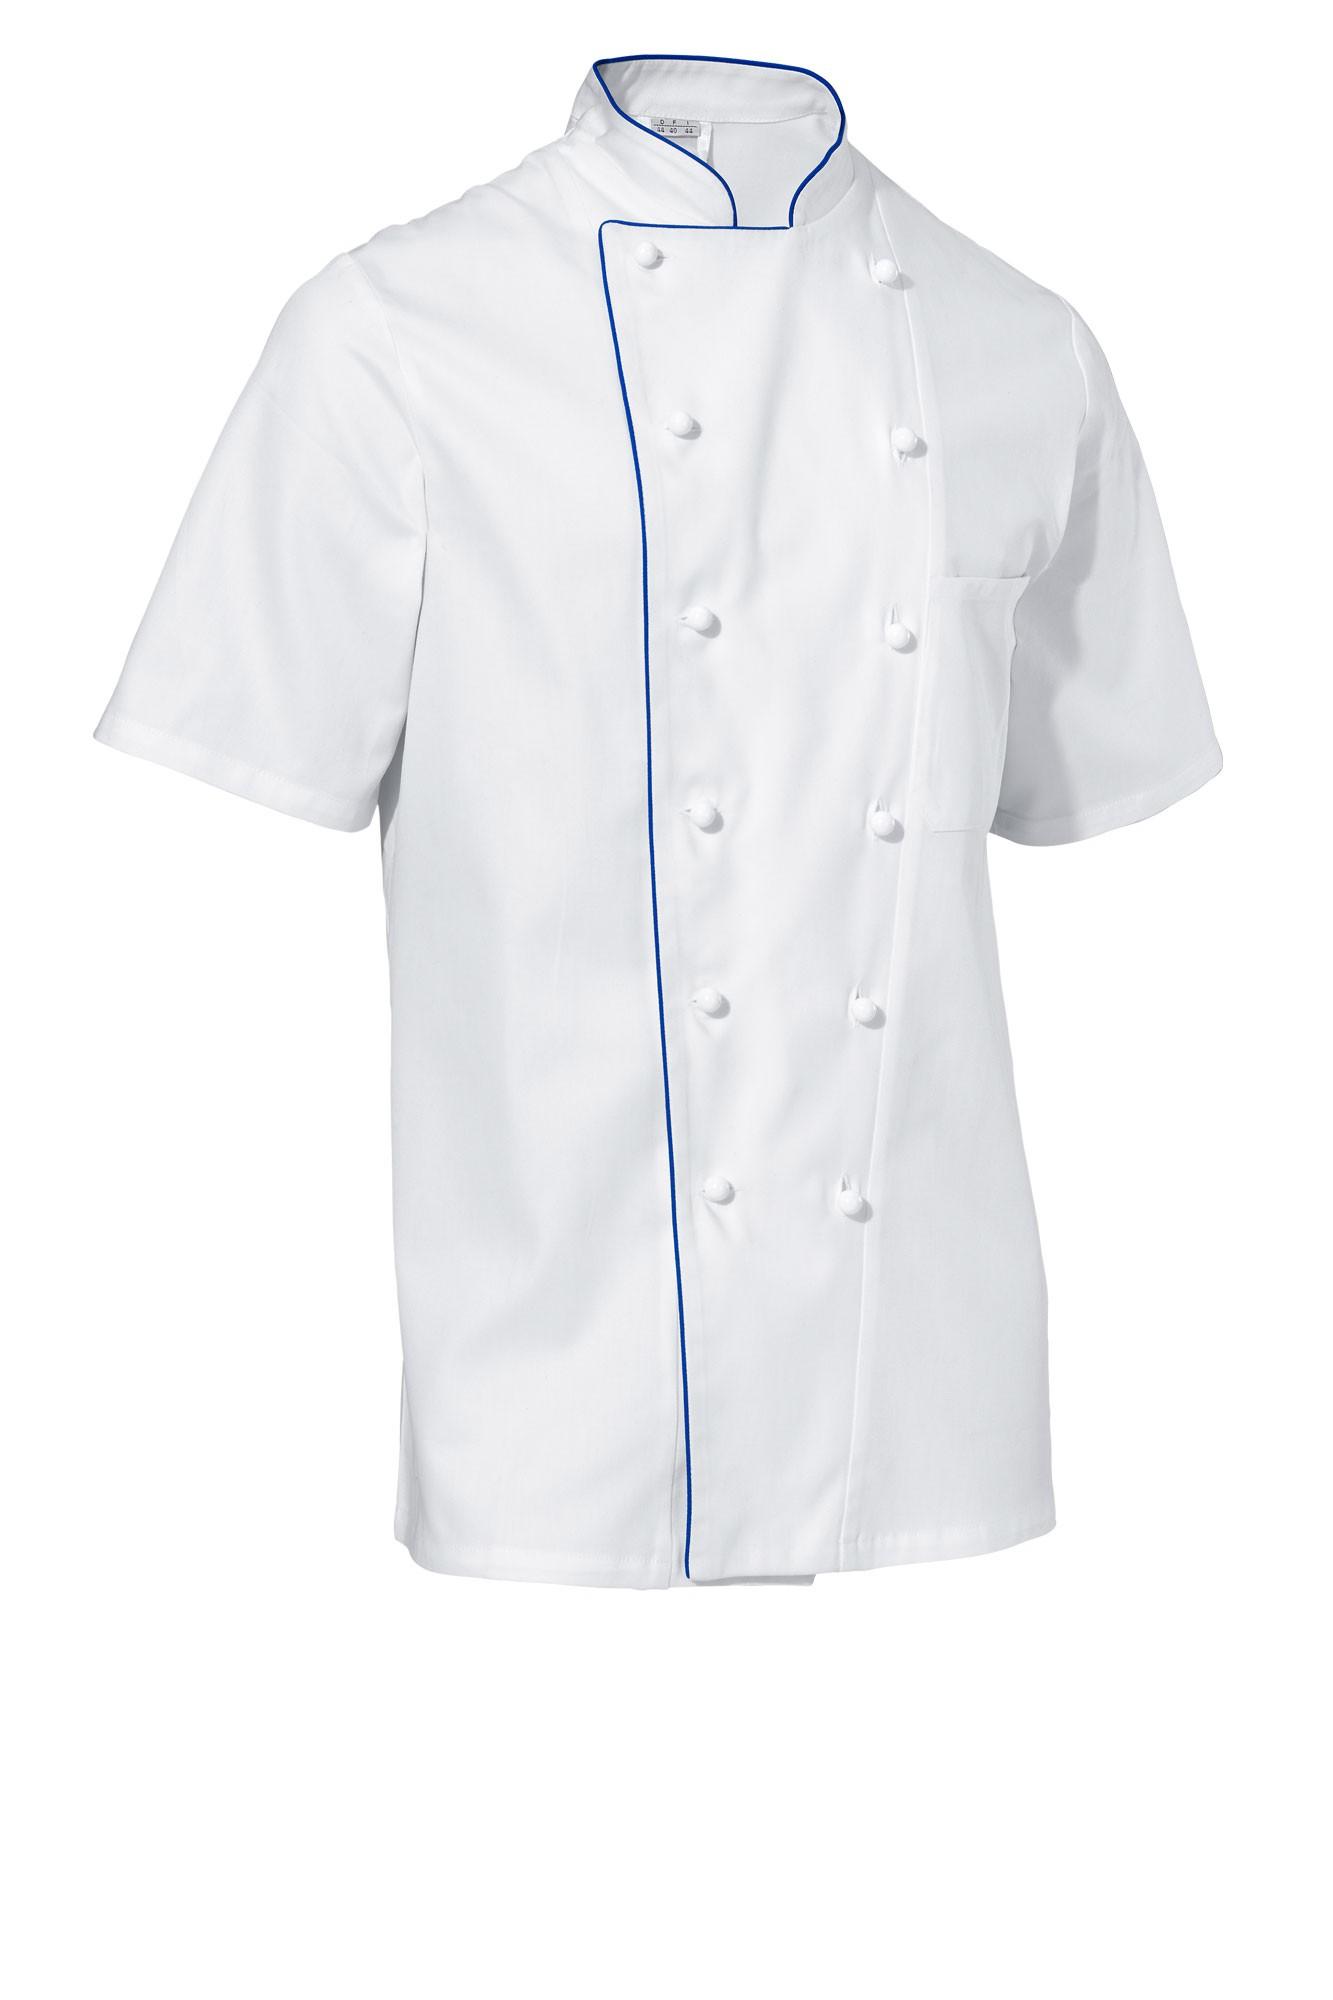 Rondon Samuel - krátký rukáv - bílá/modré lemování